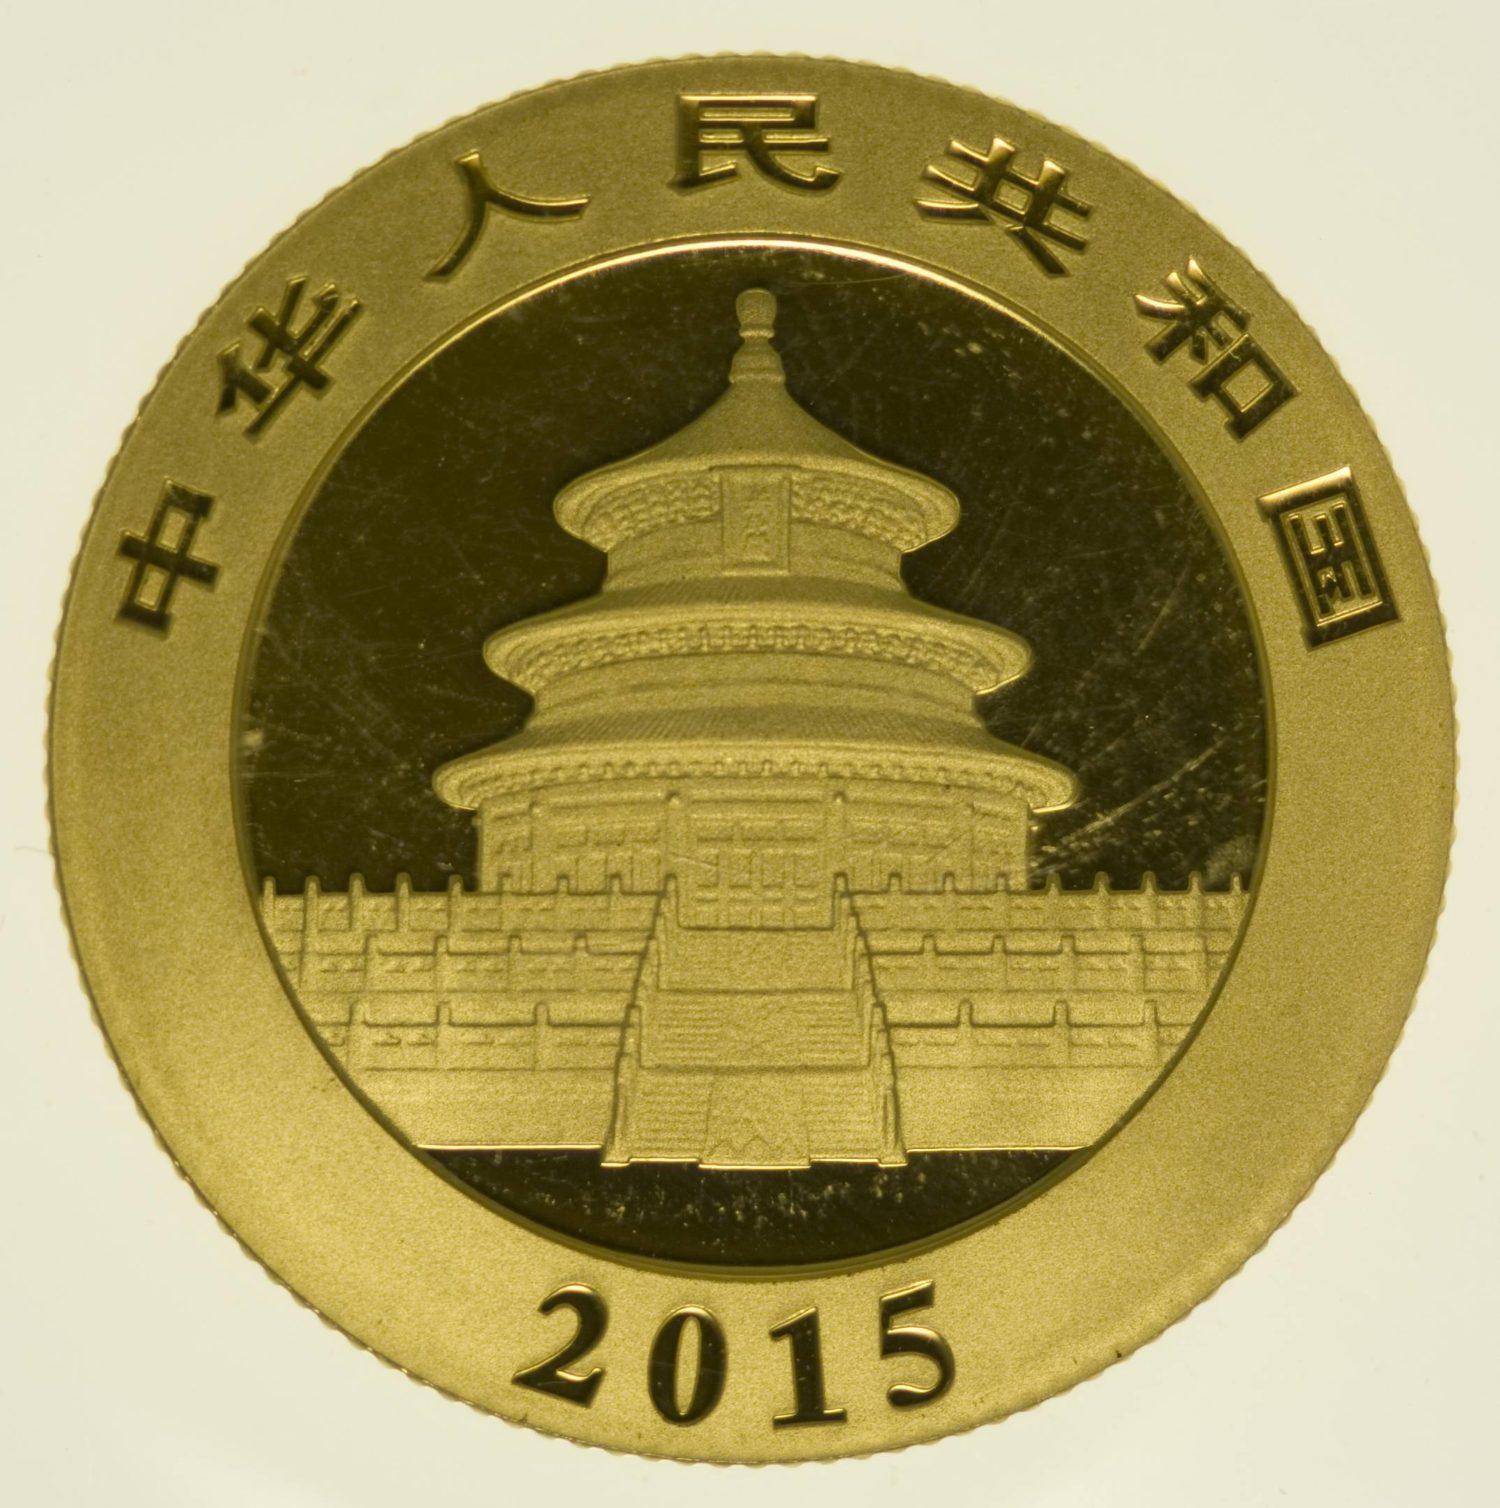 1/4 Unze Goldmünze China Panda 2015 100 Yuan 7,78 Gramm fein Gold RAR